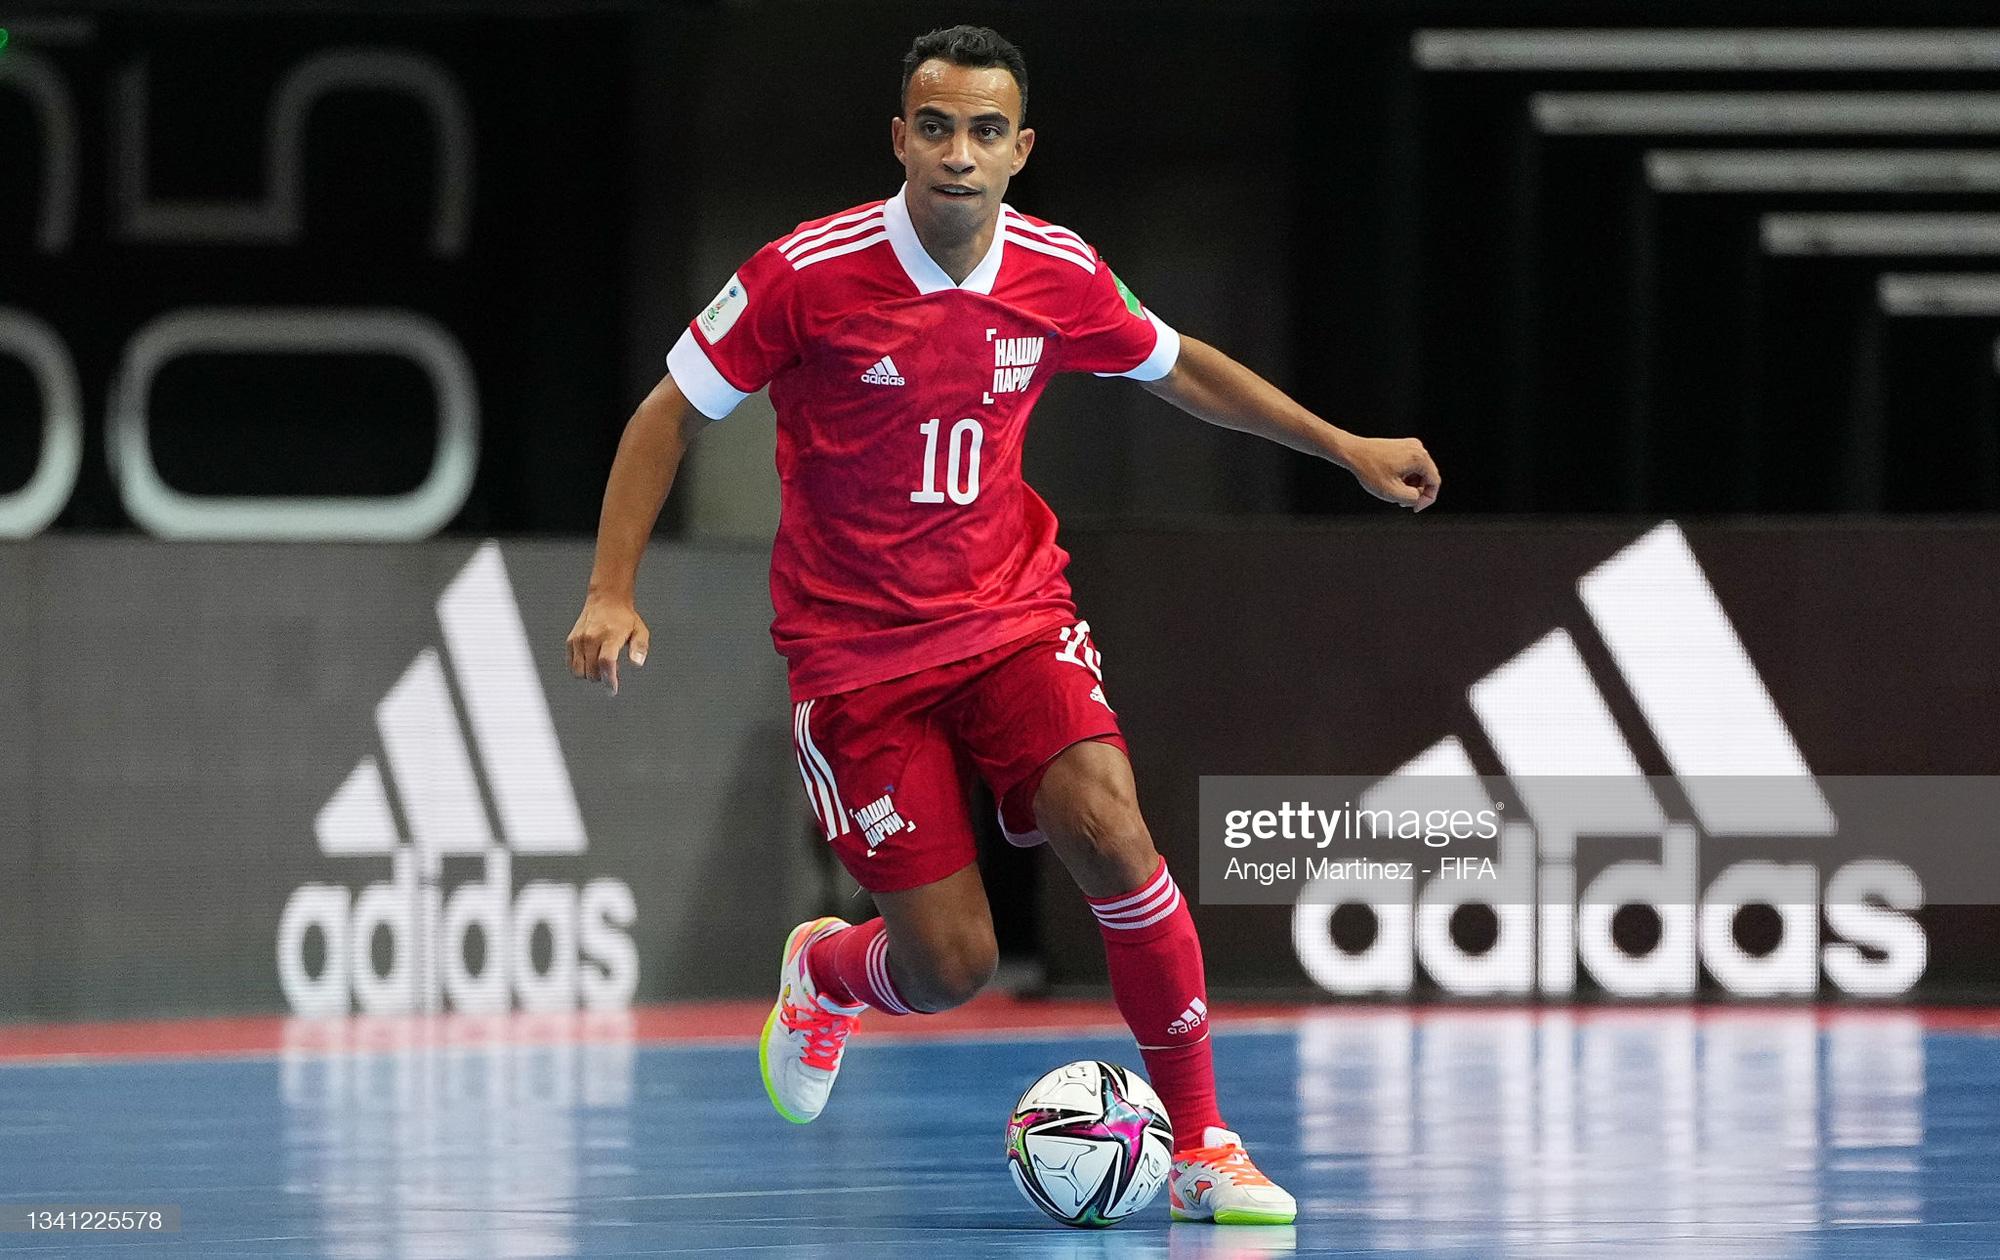 Đối thủ của tuyển futsal Việt Nam ở vòng 16 đội World Cup 2021: Quen mặt, nhưng vẫn quá mạnh - ảnh 4